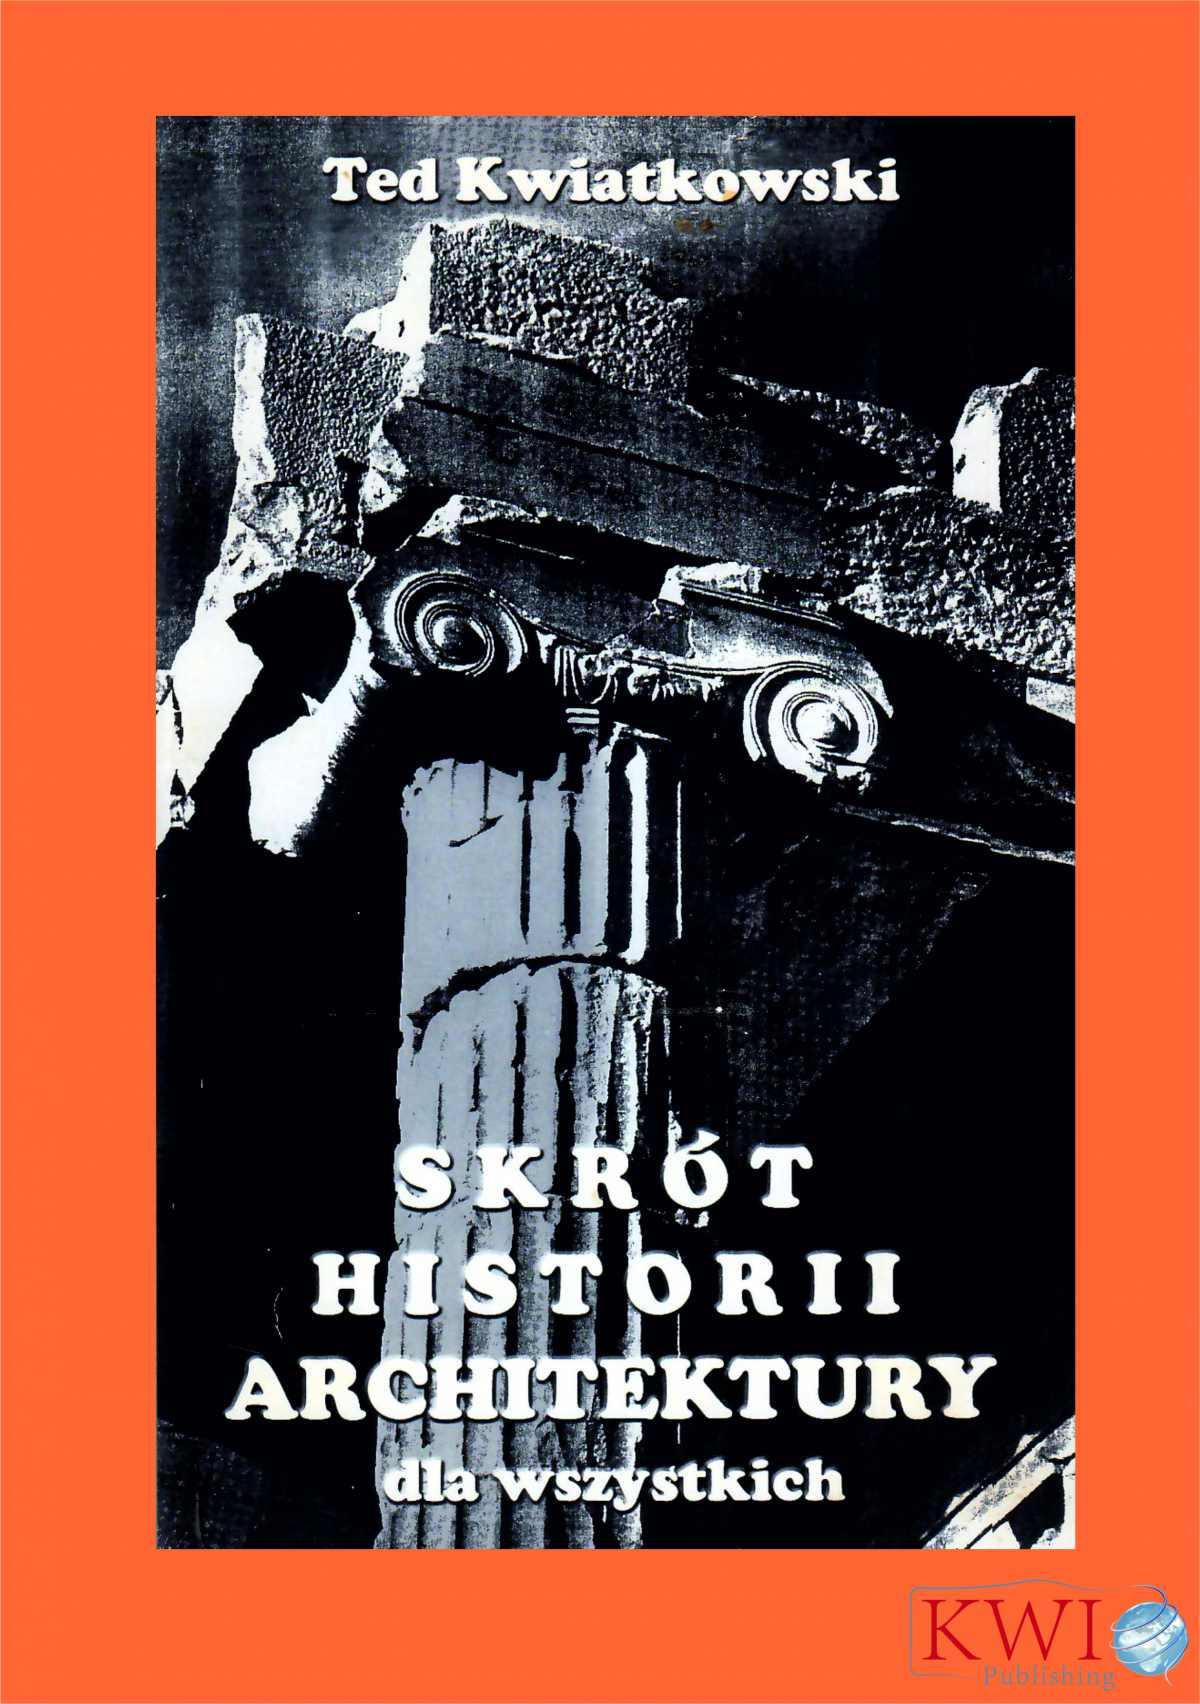 Skrót historii architektury dla wszystkich - Ebook (Książka na Kindle) do pobrania w formacie MOBI